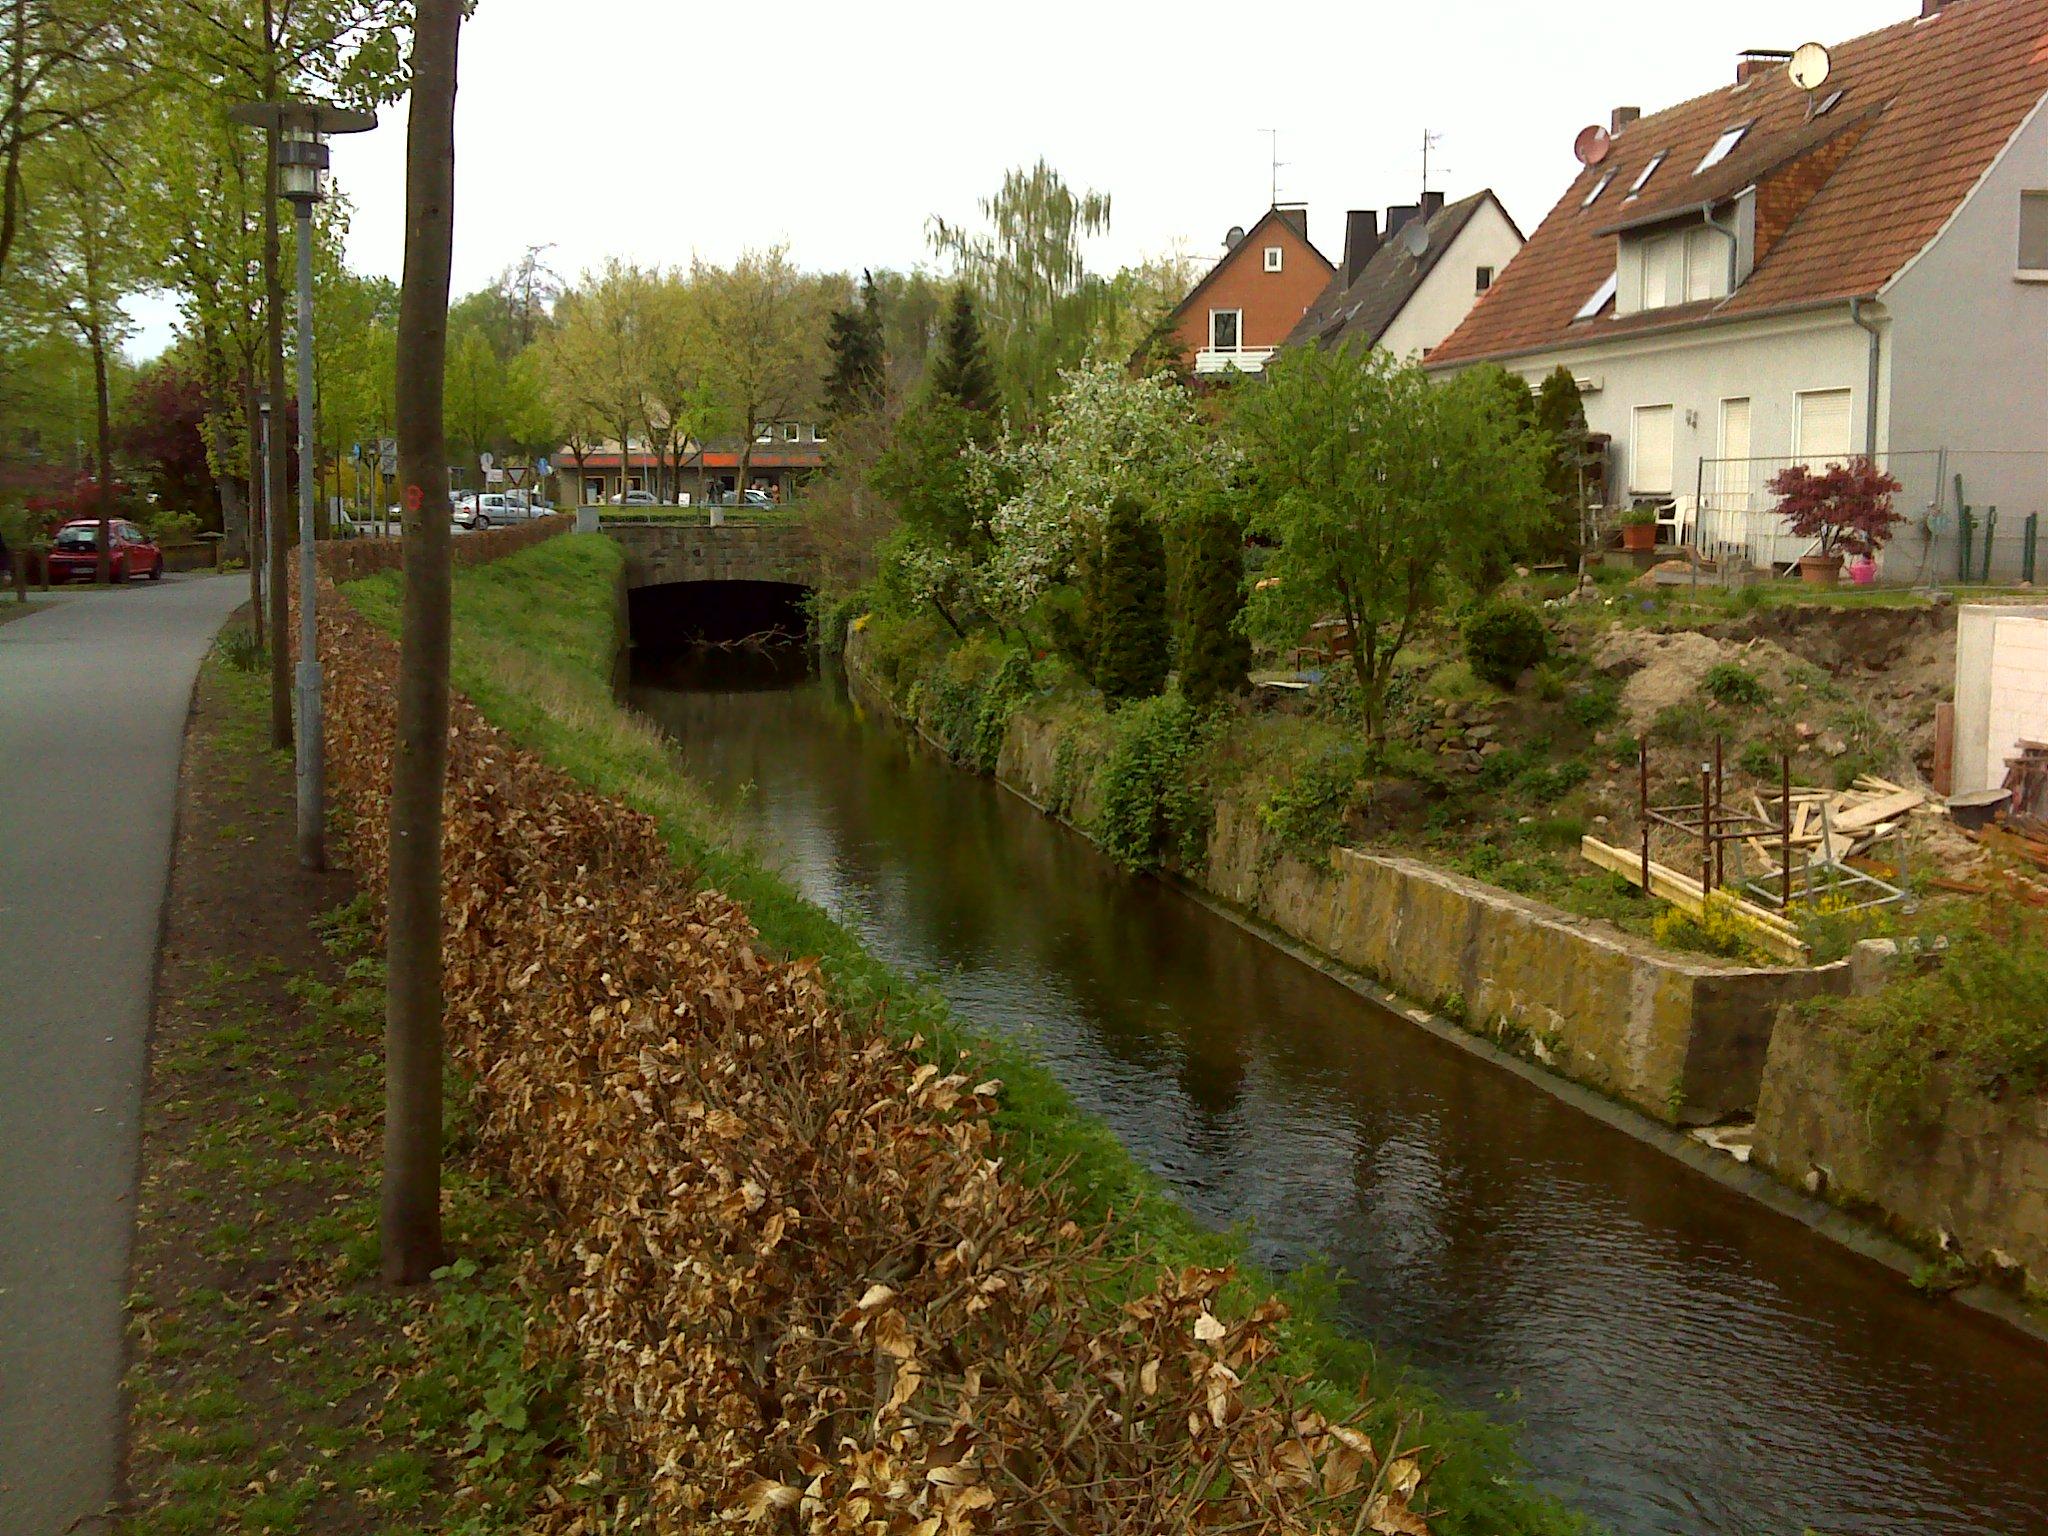 Berkel in Coesfeld - hier ist Gewässerentwicklung erforderlich.